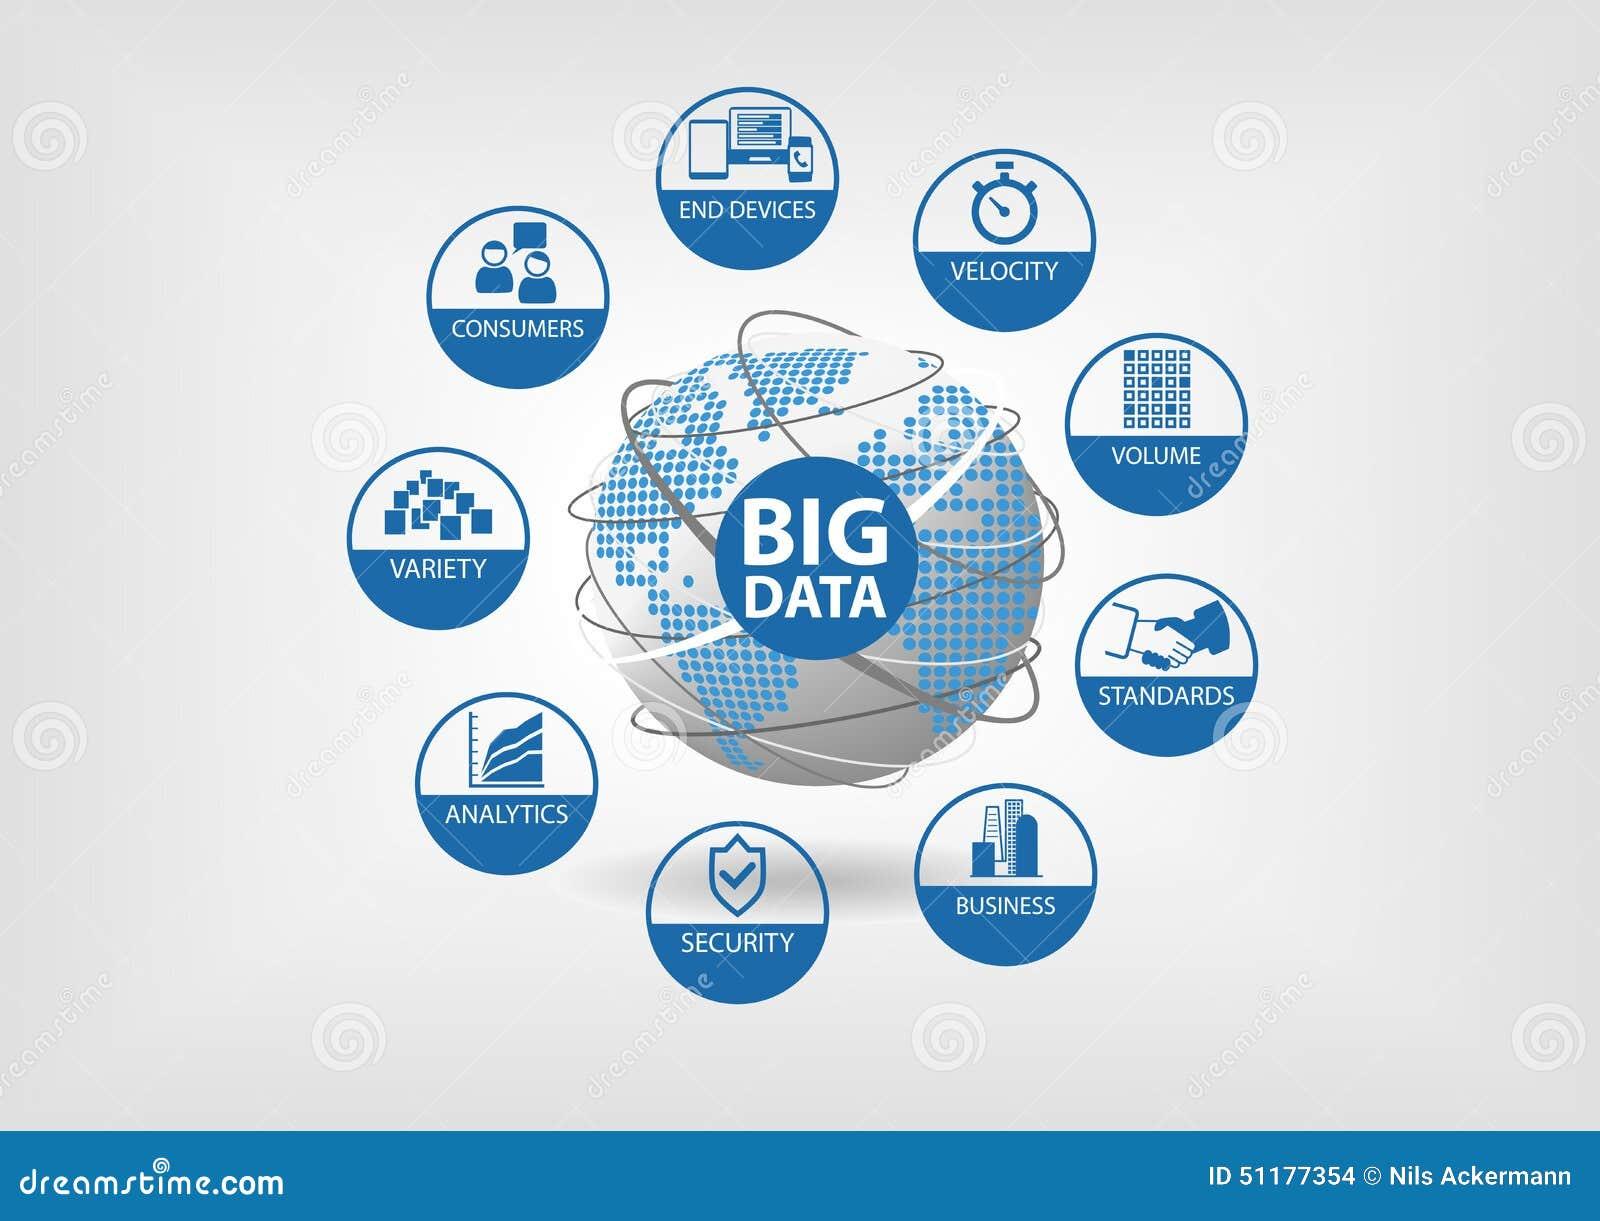 与象的大数据概念品种、速度、容量、消费者、逻辑分析方法、安全、标准和末端设备的